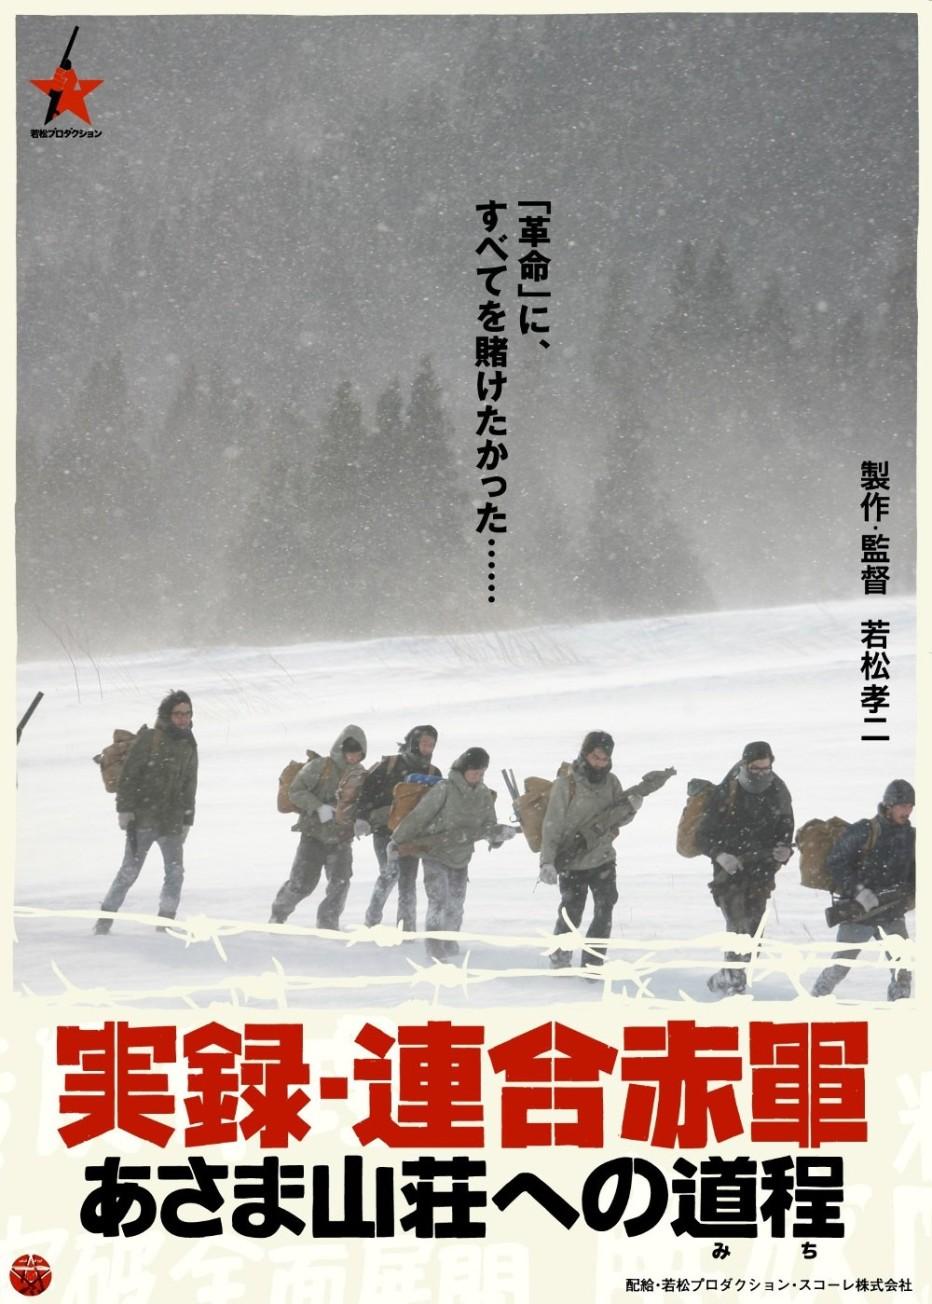 united-red-army-2007-koji-wakamatsu-16.jpg